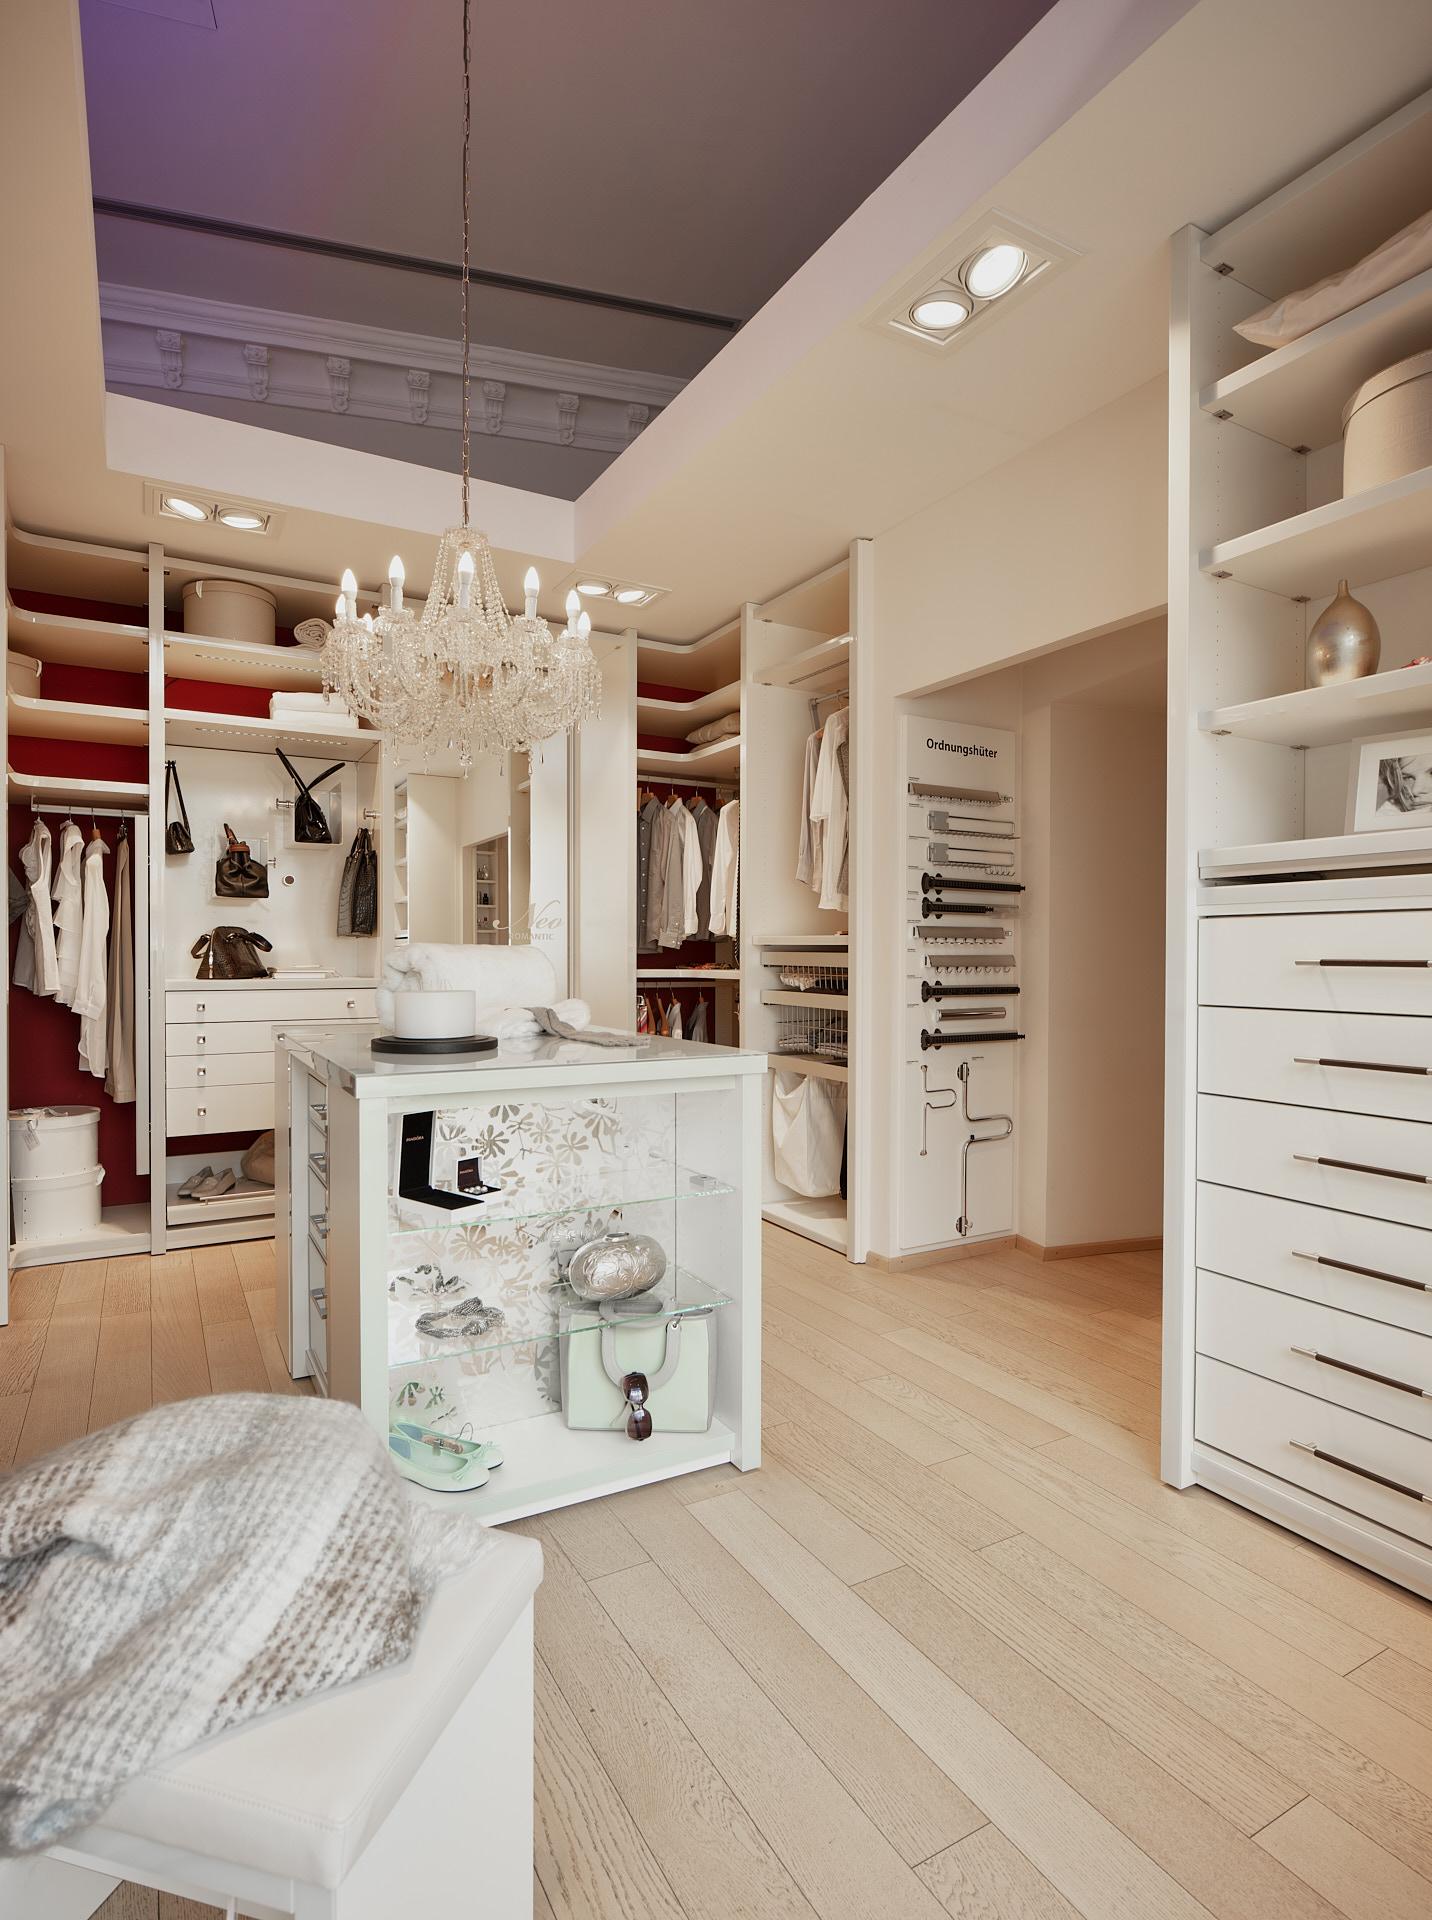 Maßgefertigter begehbarer Kleiderschrank mit deckenhohen Einbauten und Mittelblock.